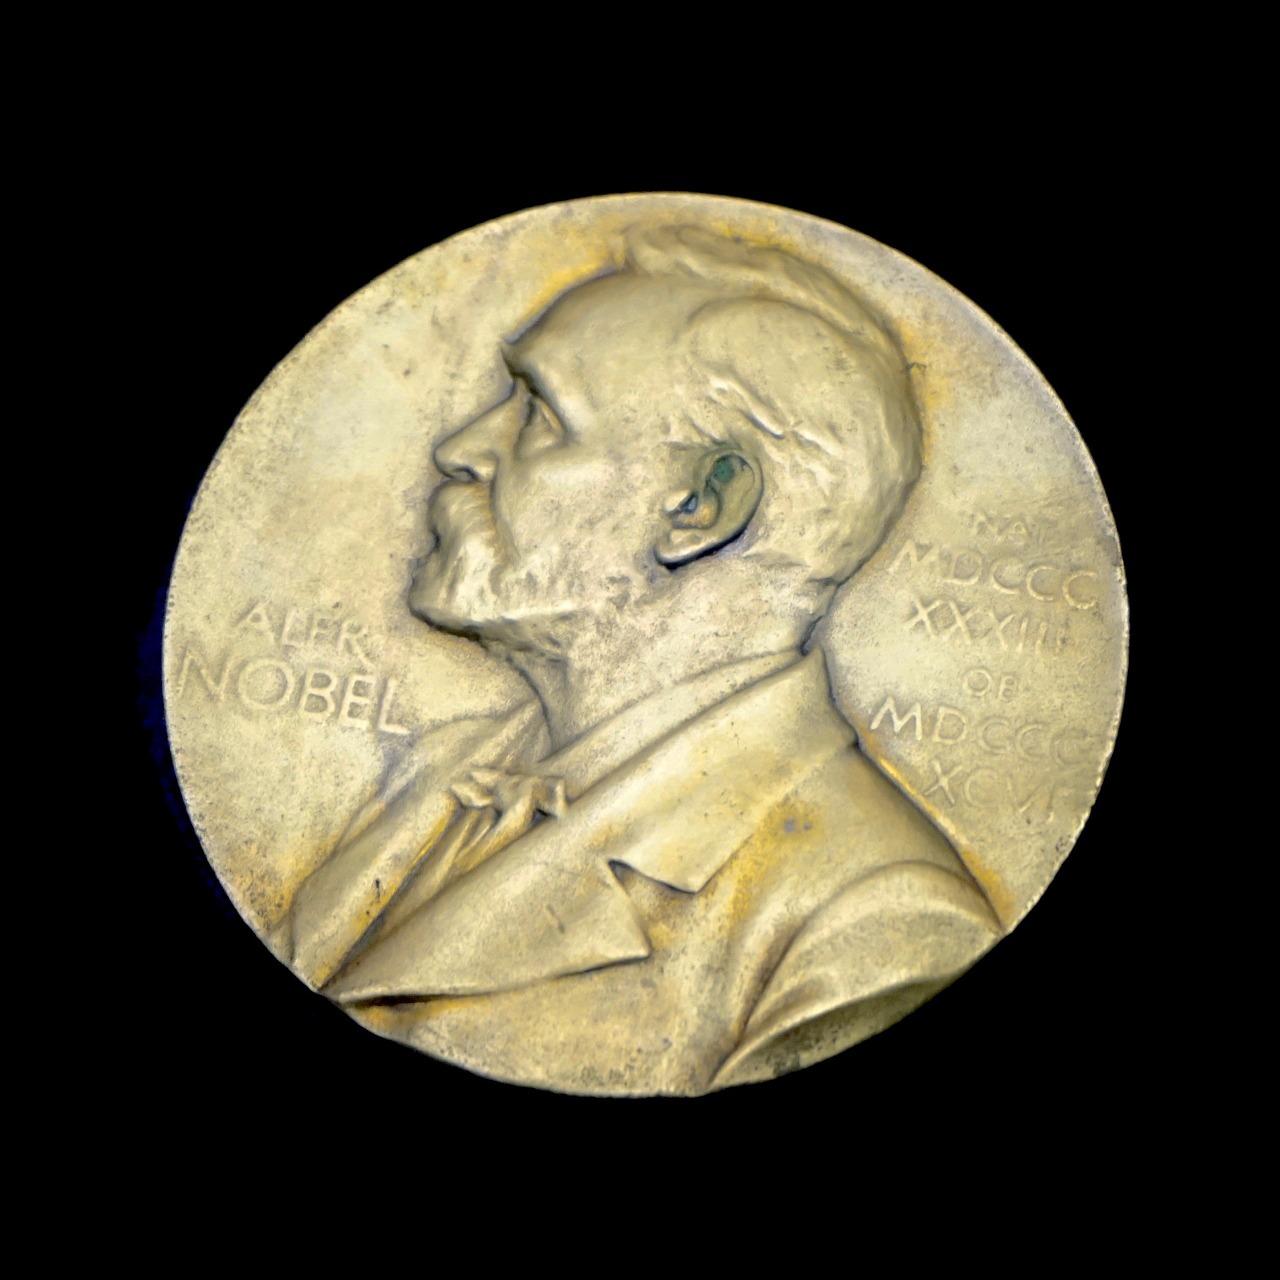 ノーベル賞を吉野彰氏が受賞した。